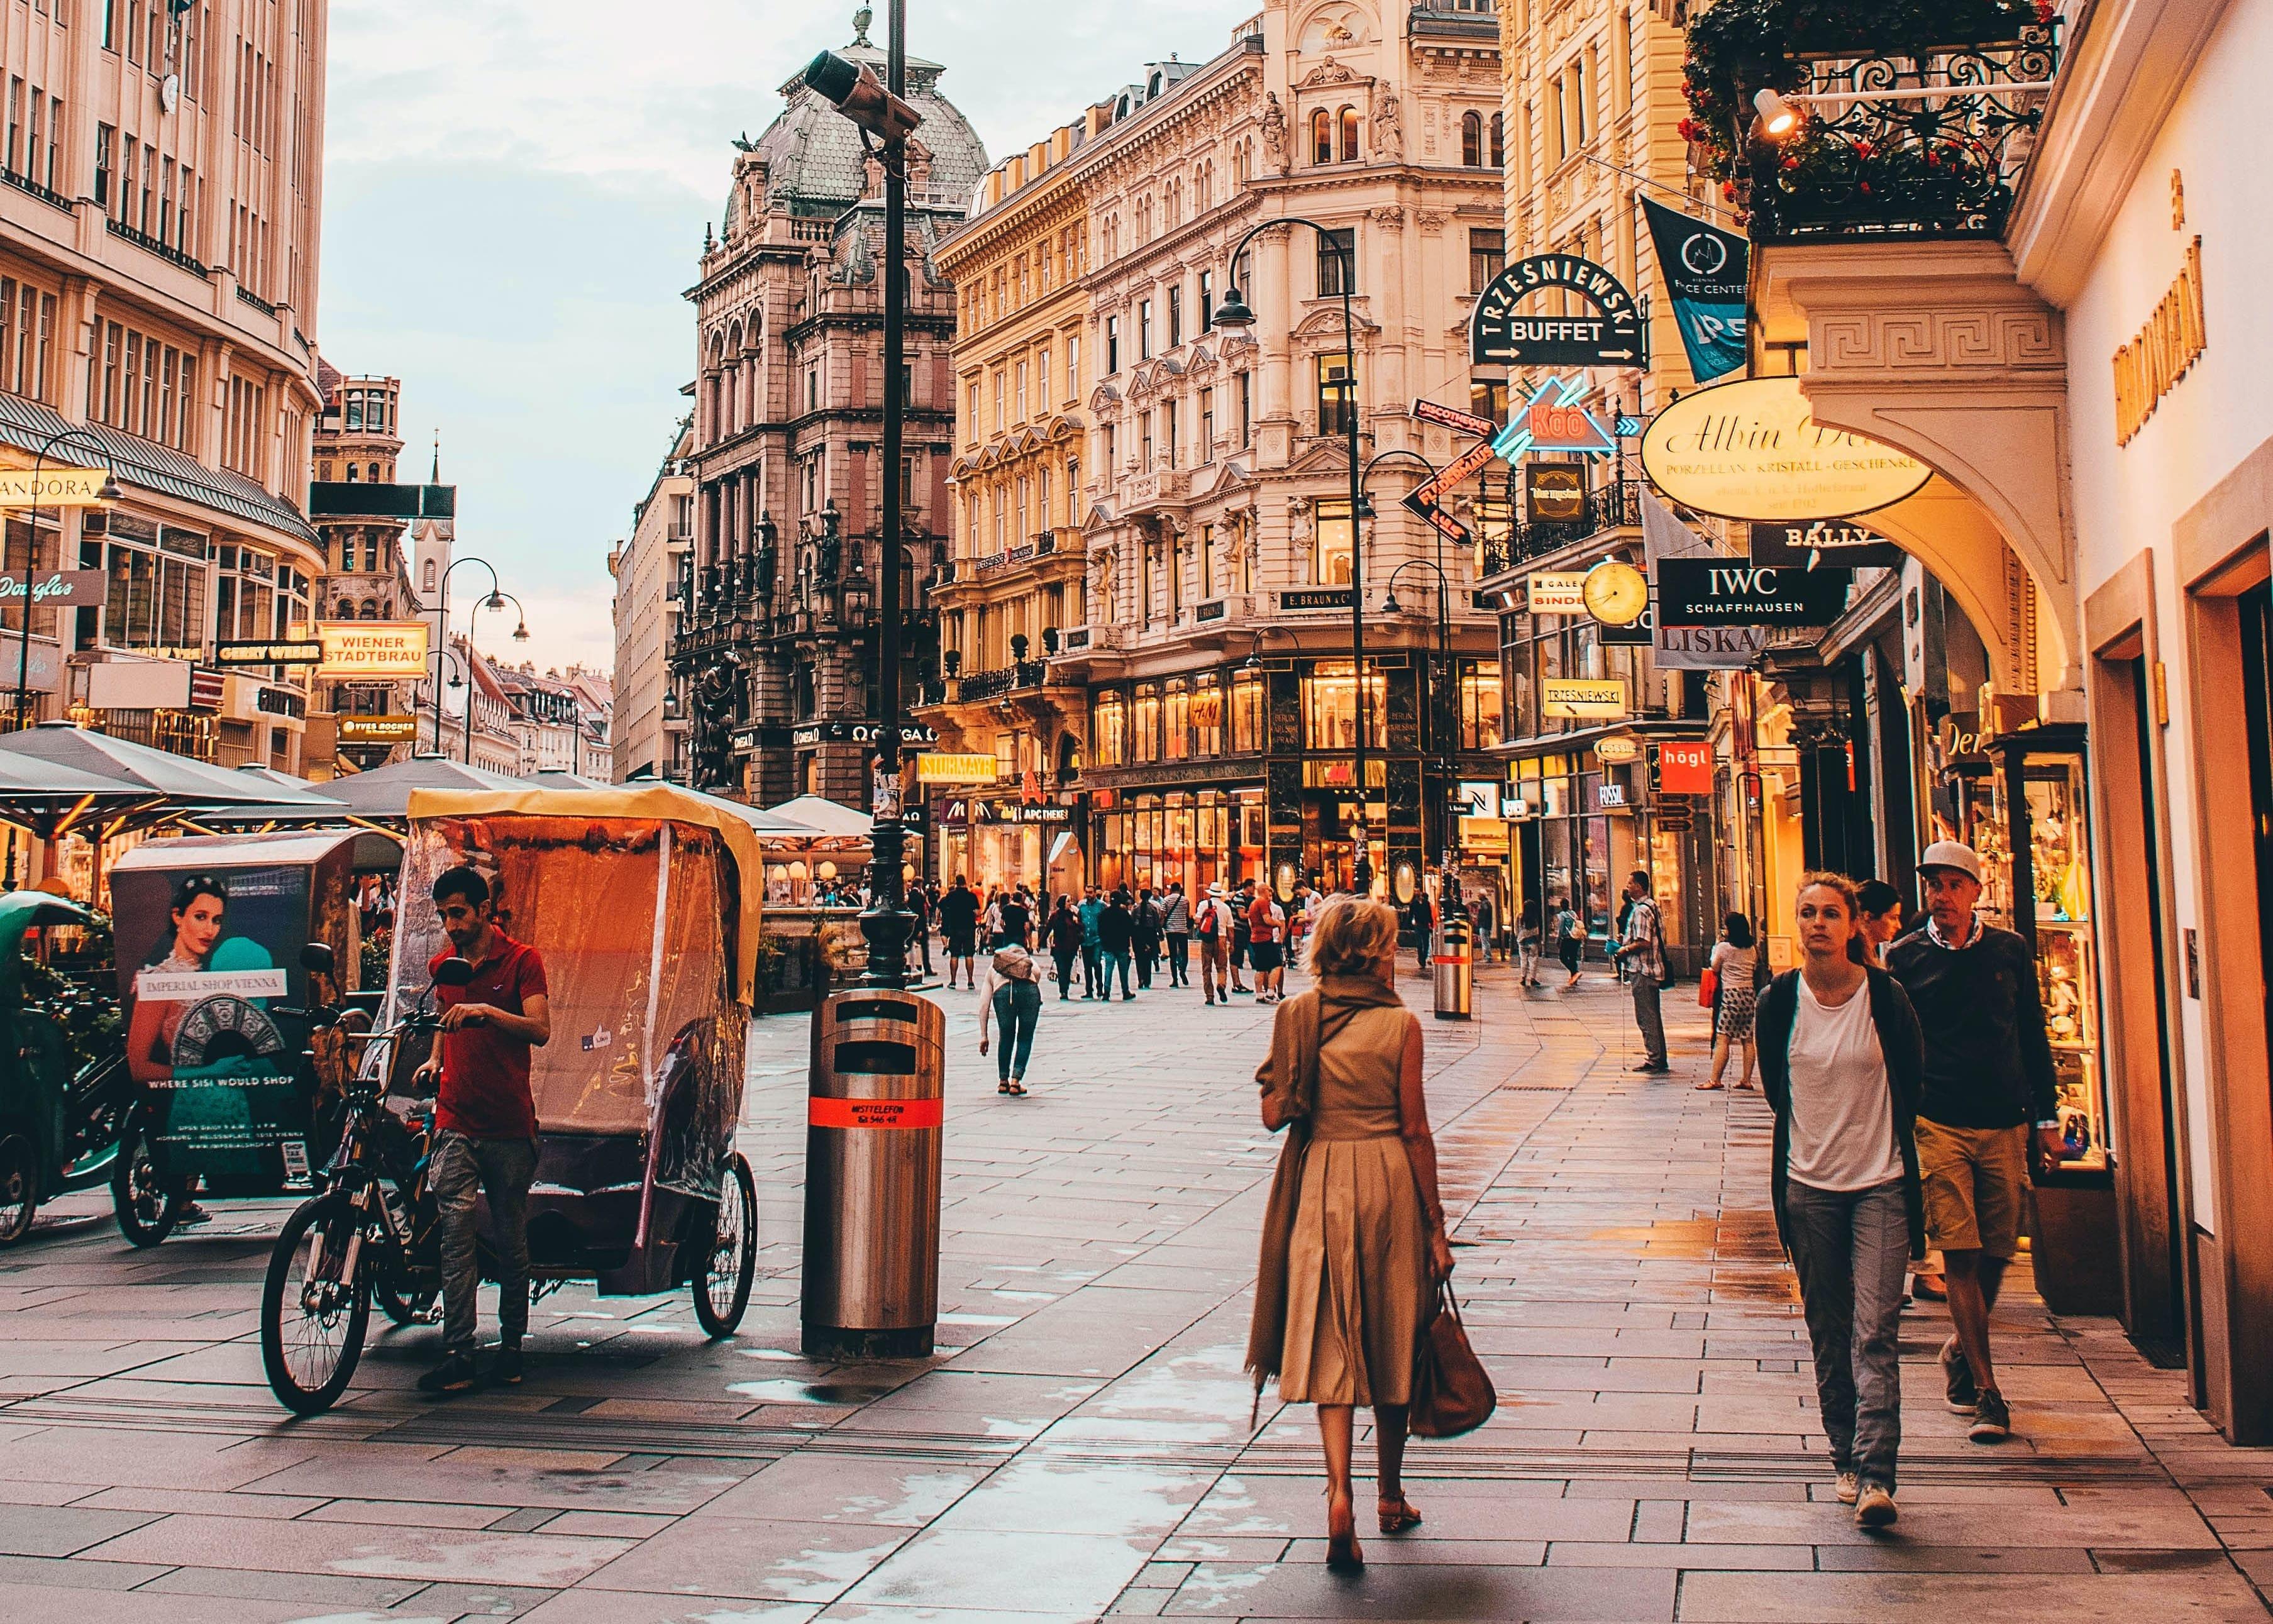 Wien-City-Center